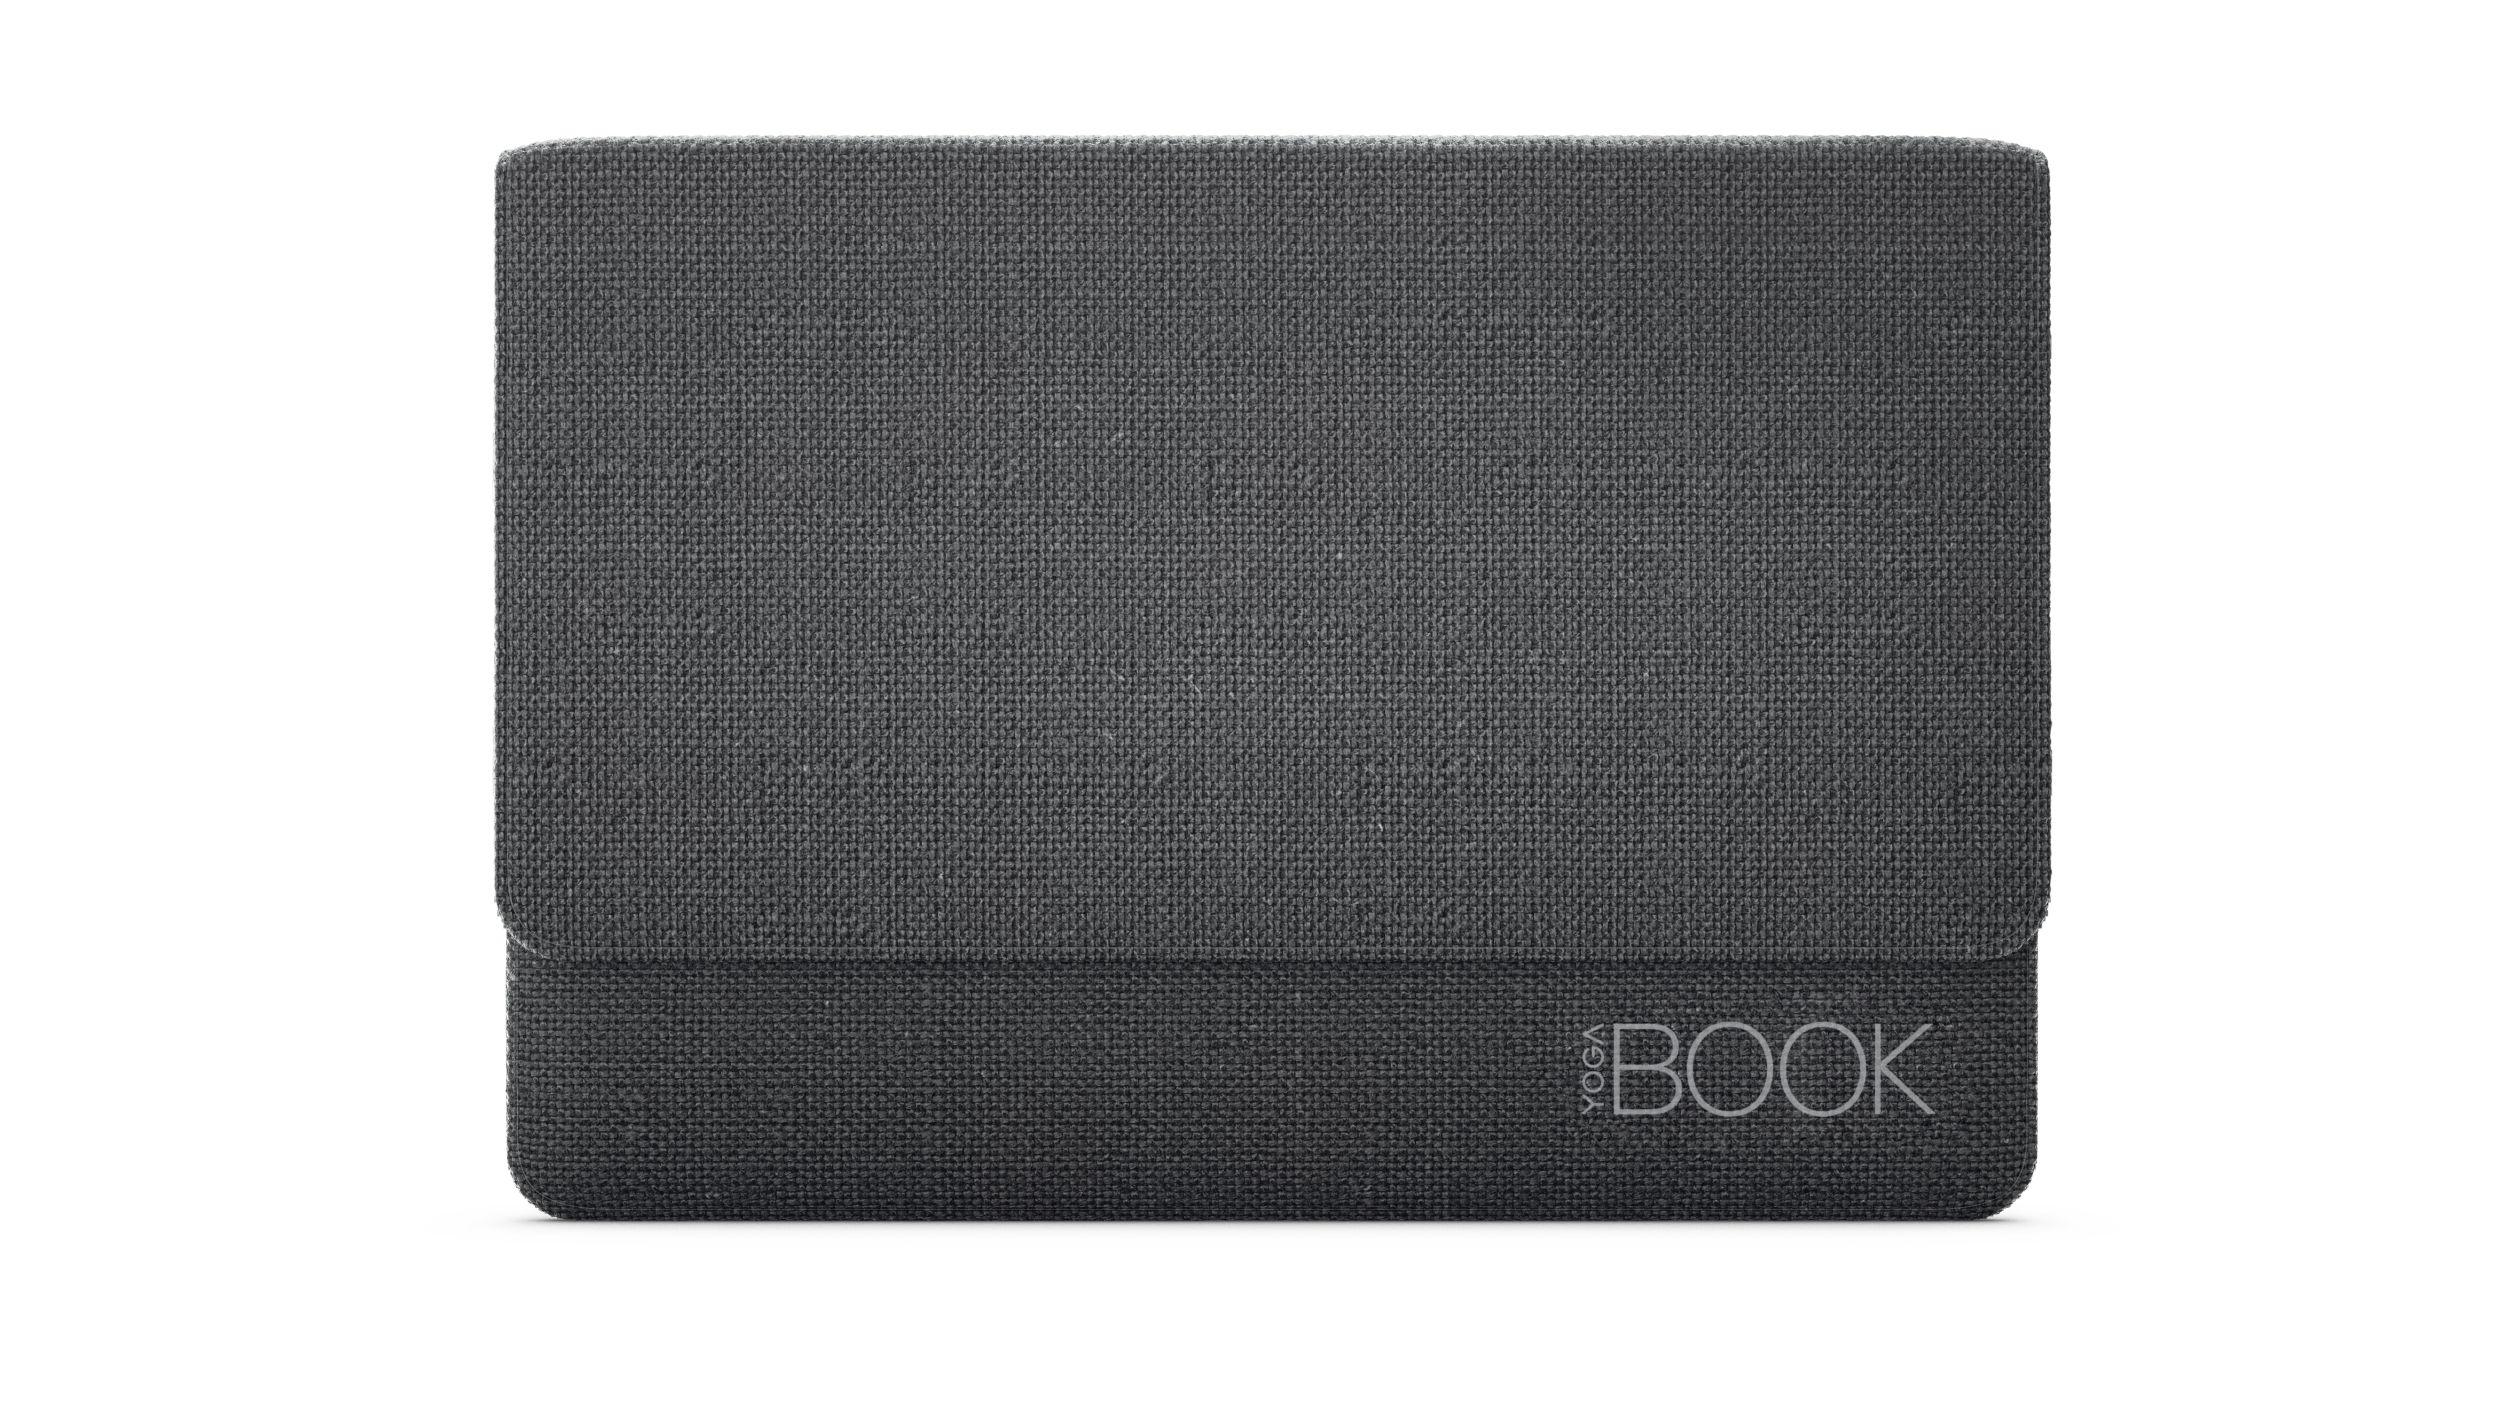 Lenovo YOGA BOOK Bag - GRAY